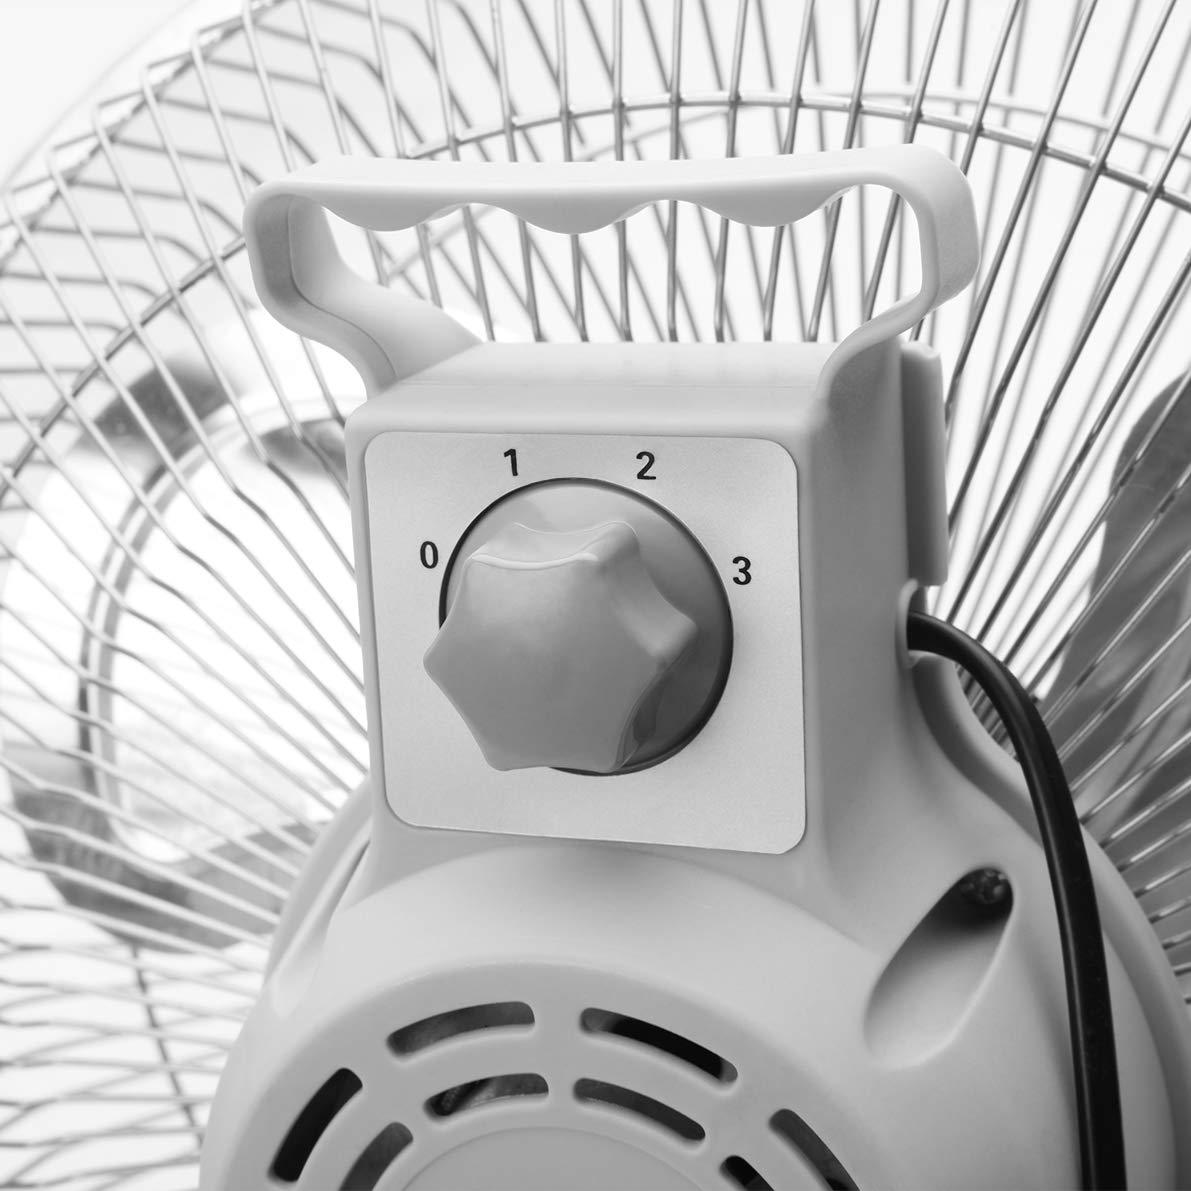 pales m/étalliques de 45 cm Orbegozo PW 1245 Ventilateur industriel Power Fan avec inclinaison orientable poign/ée de transport 3 vitesses de ventilation puissance 80 W grille de s/écurit/é